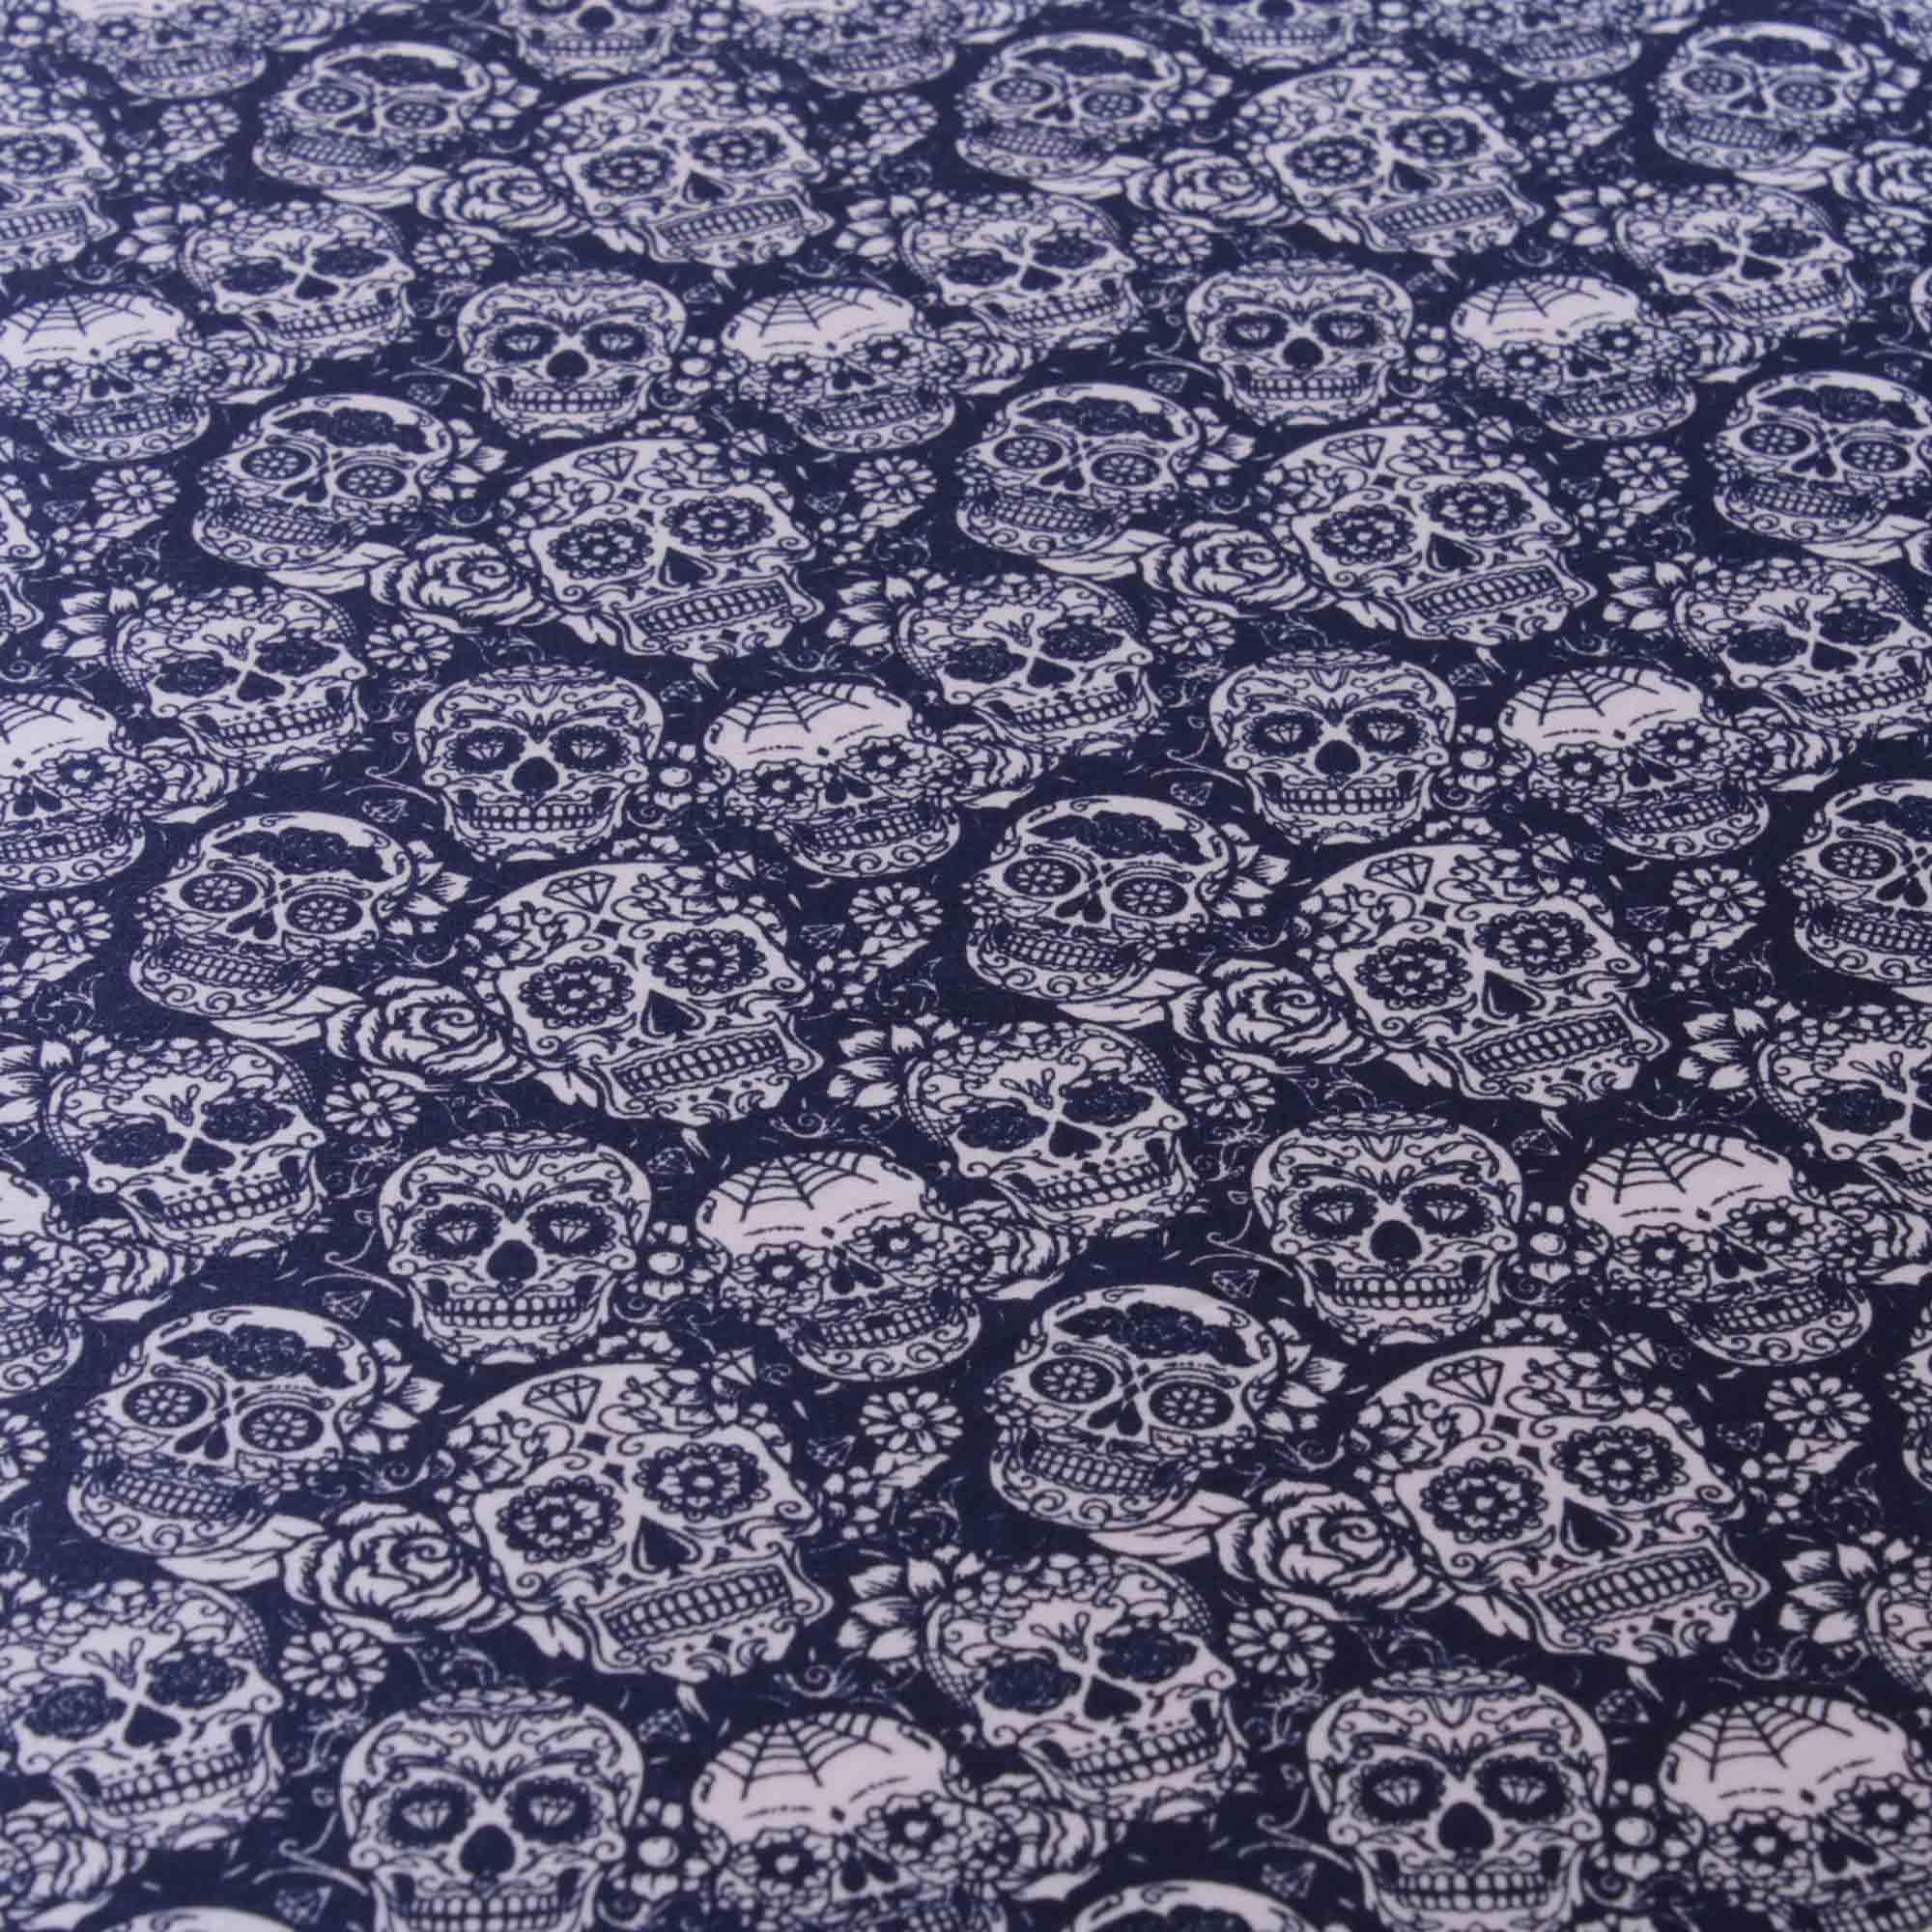 Tecido tricoline estampado caveira 100% algodão marinho